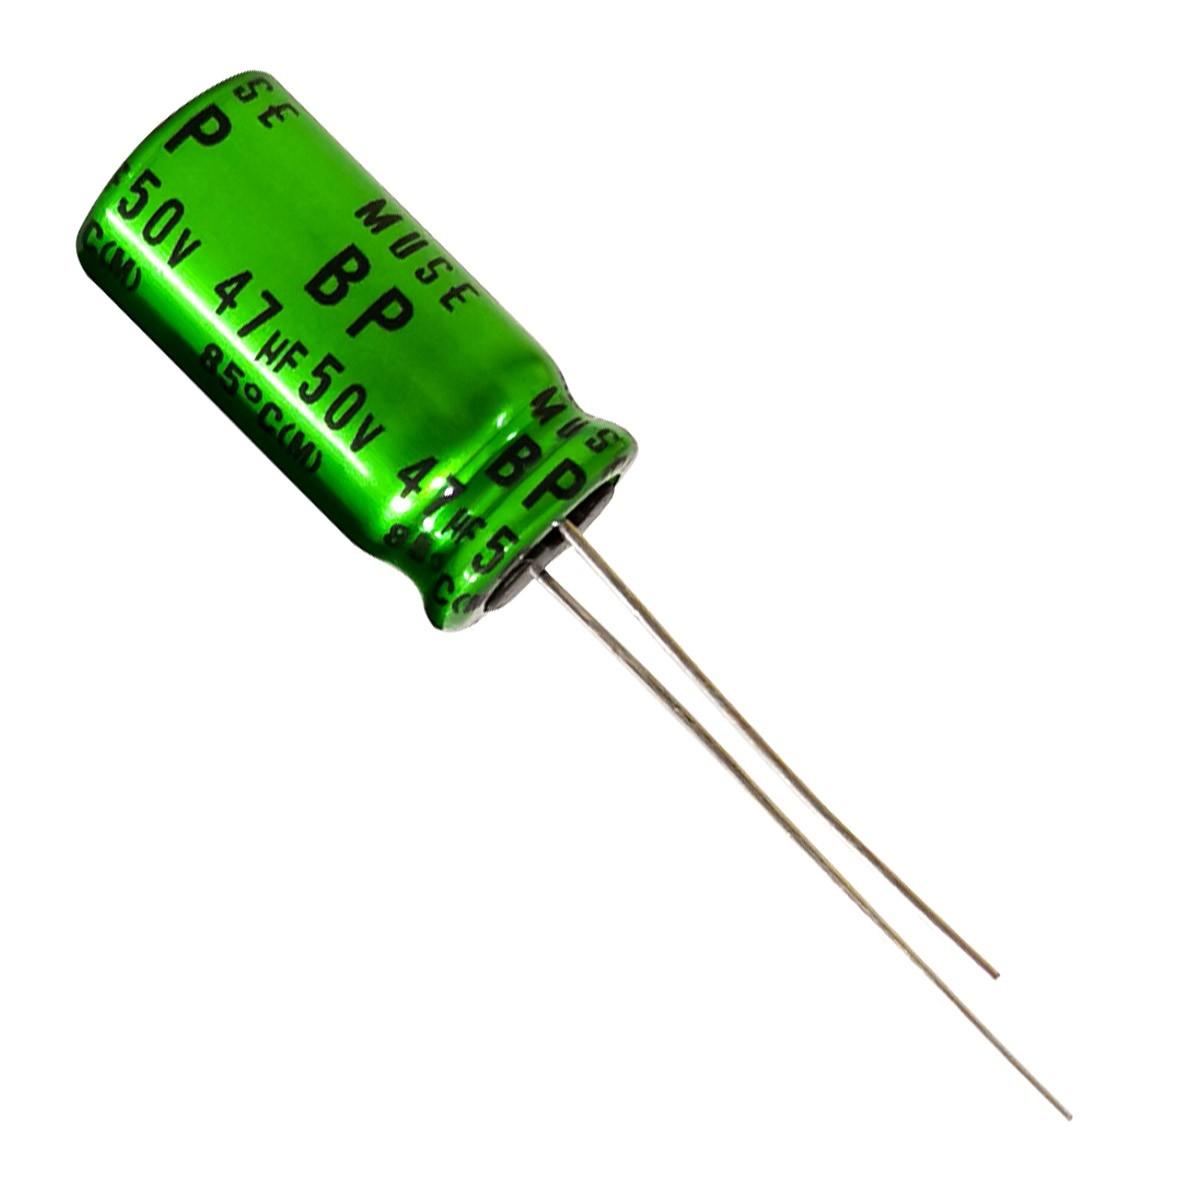 NICHICON ES MUSE HiFi Audio Capacitor 35V 22μF